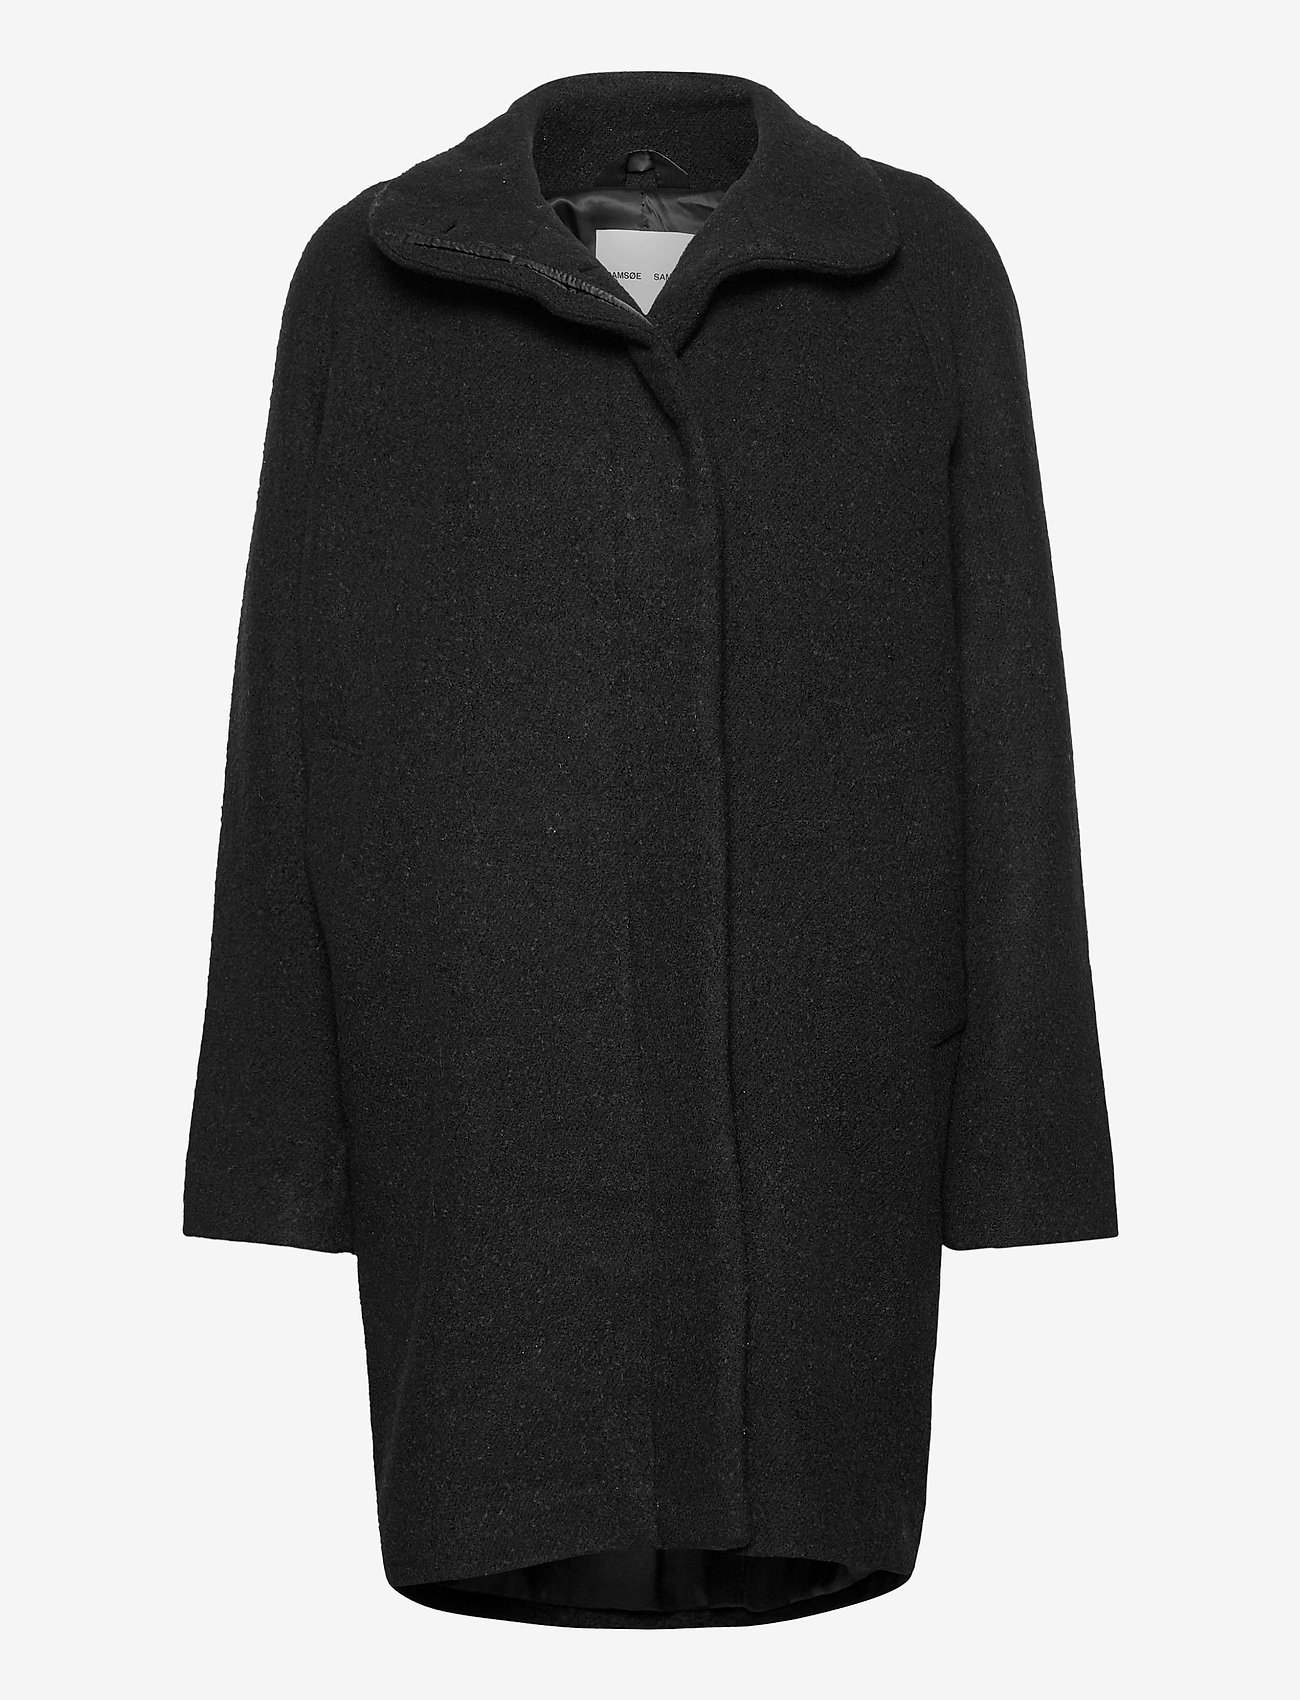 Samsøe Samsøe - Hoffa jacket 12840 - wollen jassen - black - 0